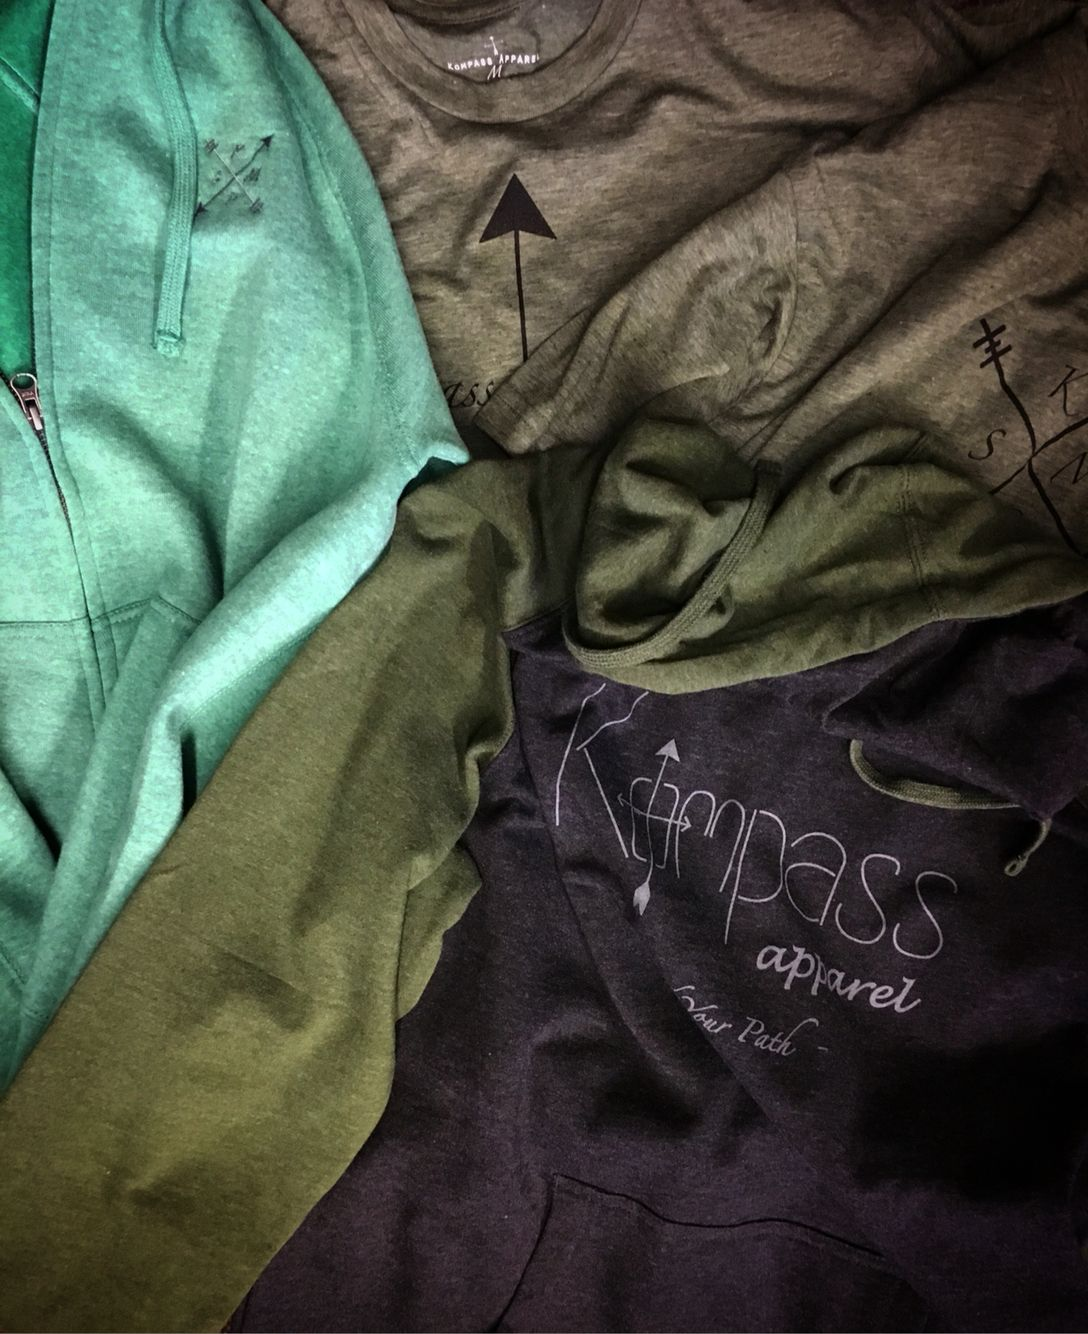 Shop our shades of green! Kompass-apparel.com